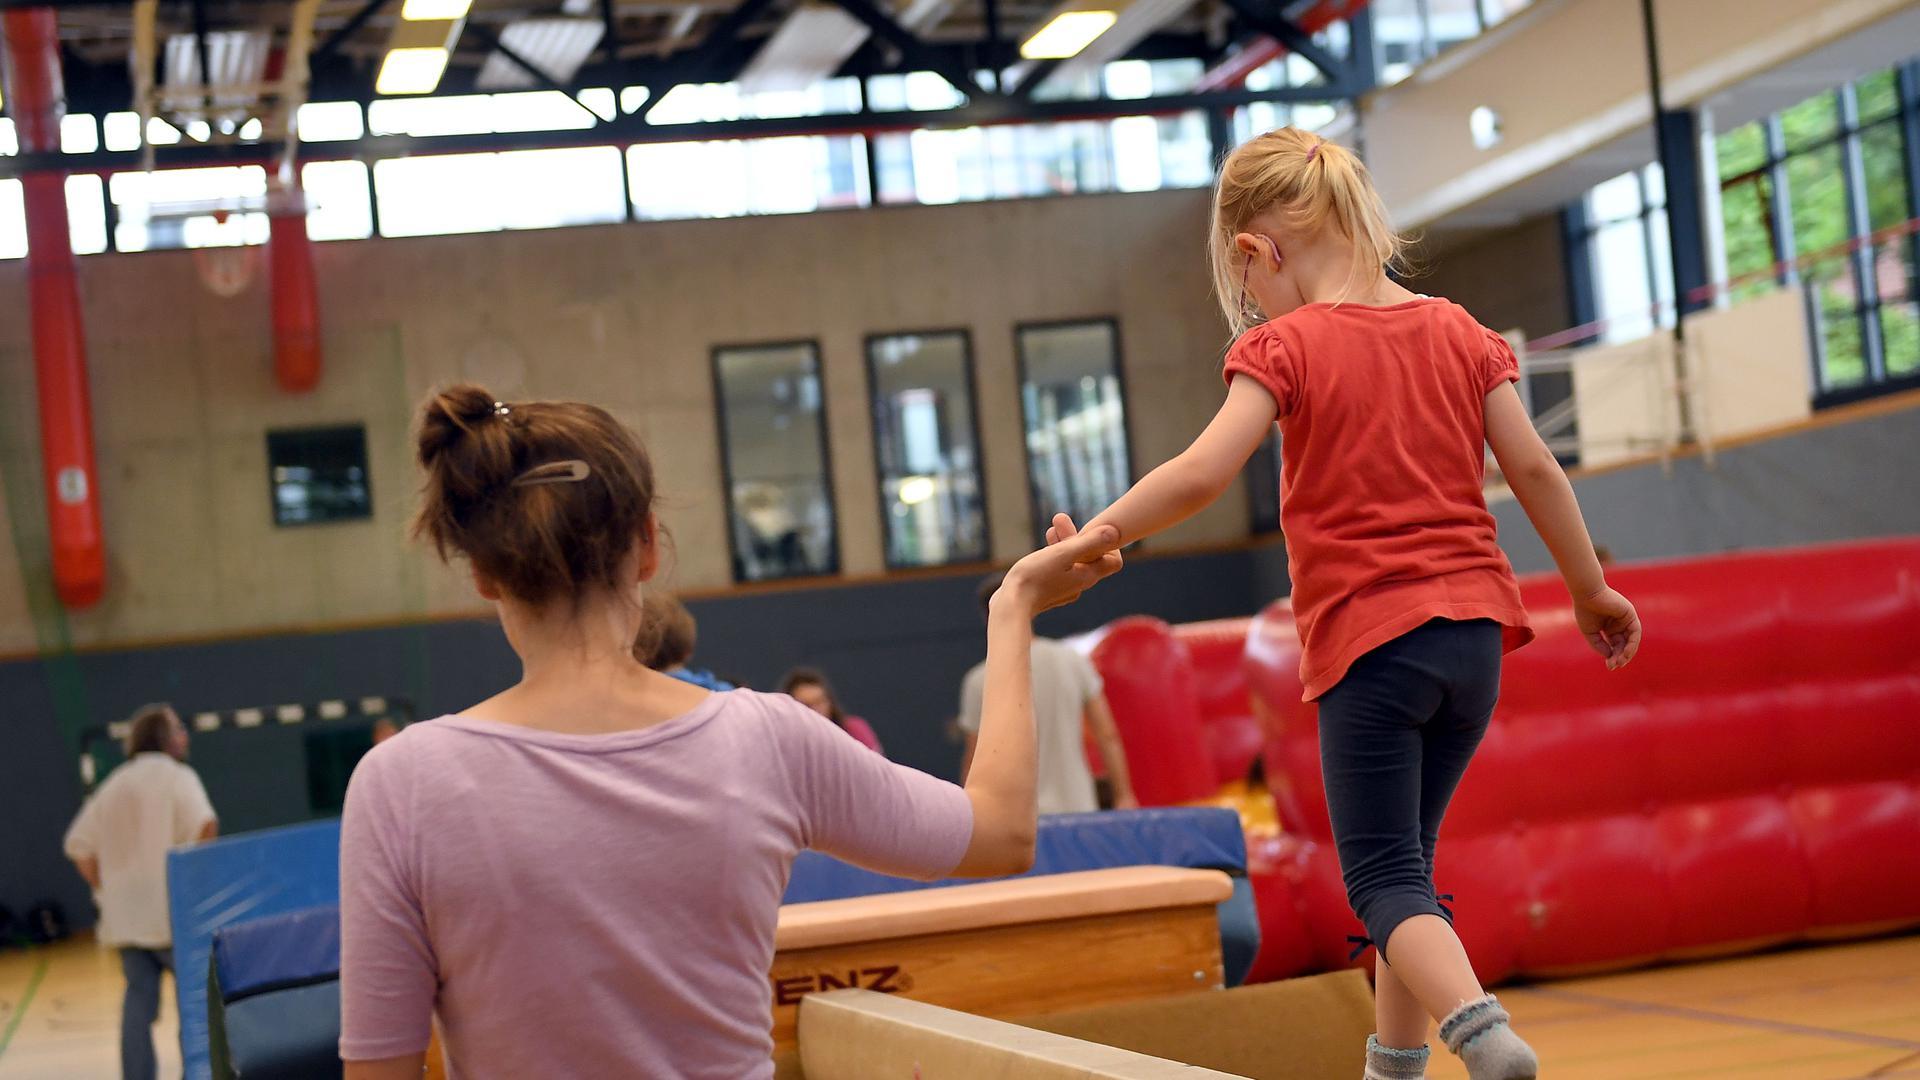 Angebot für Eltern und Kinder: Mit dem Familienbeitrag hofft der TV Bermersbach, mehr Eltern als Mitglieder zu gewinnen und Jugendliche dauerhaft an den Verein zu binden.